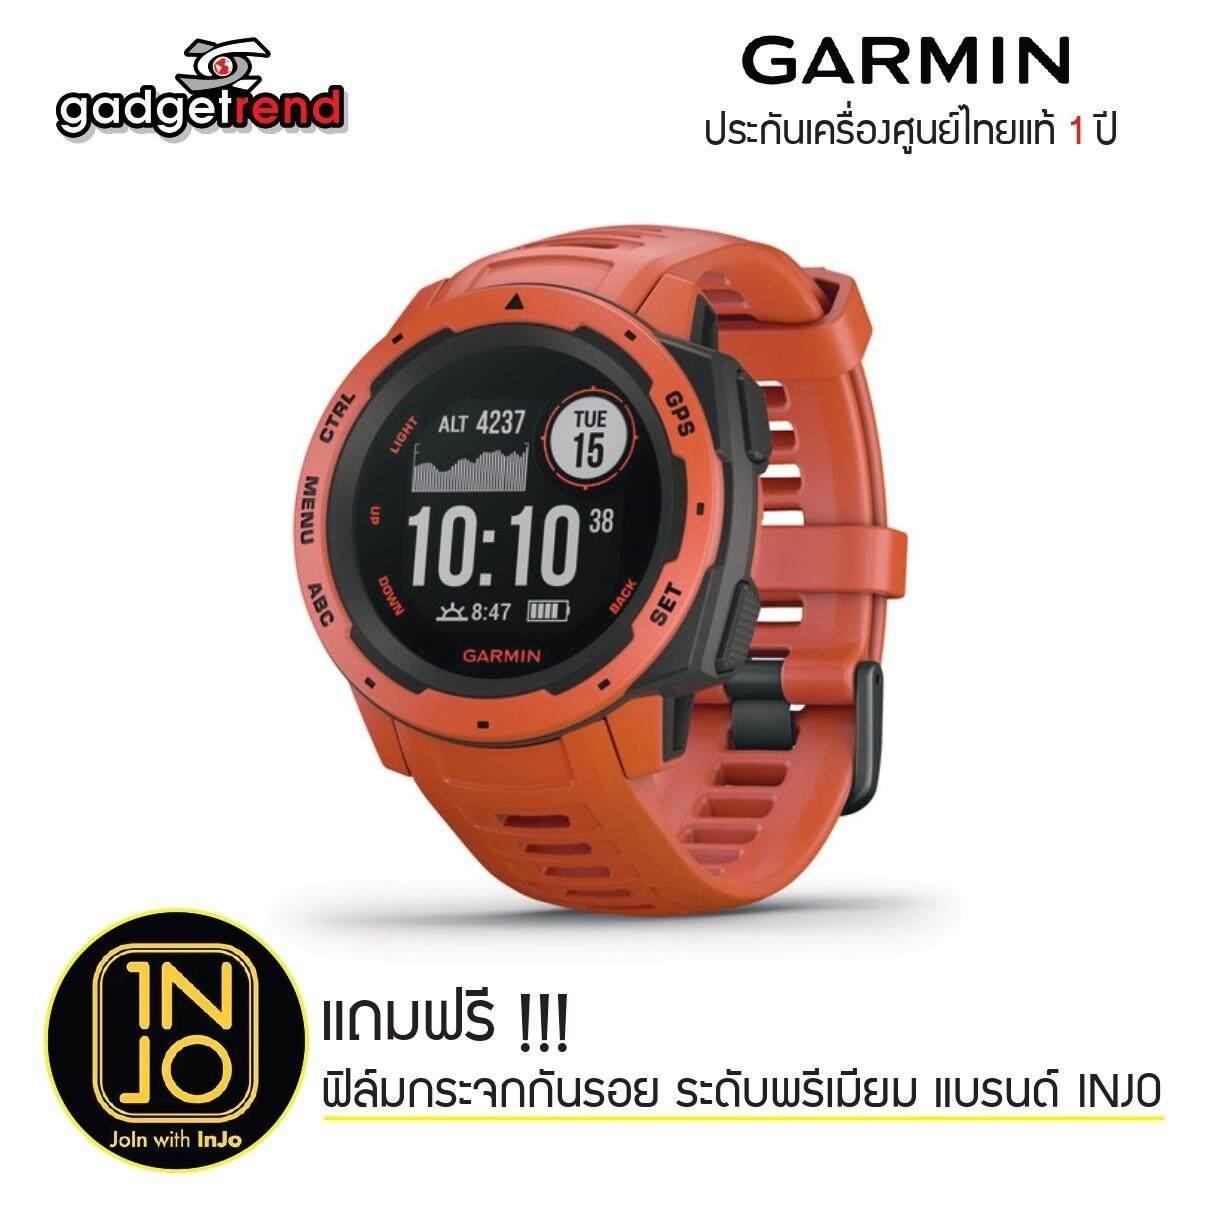 เพชรบูรณ์ Garmin Instinct นาฬิกา GPS รับประกันศูนย์ 1ปี !!